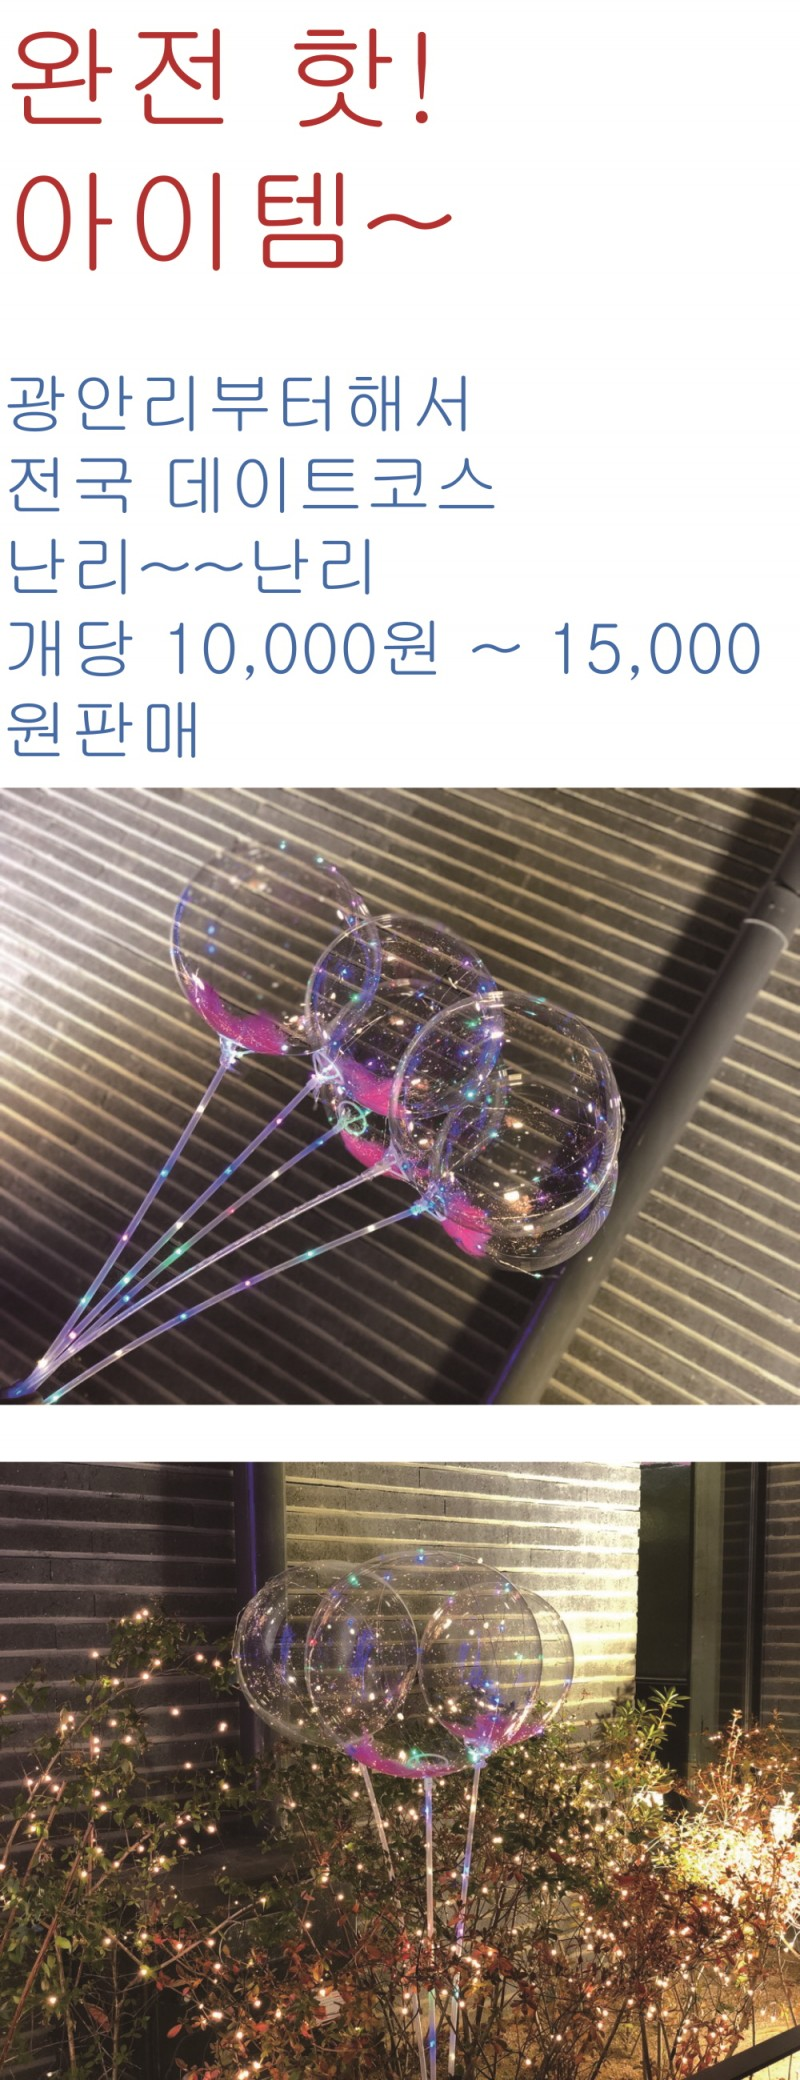 LED풍선 광안리풍선 이벤트풍선 반딧불풍선 건전지포함